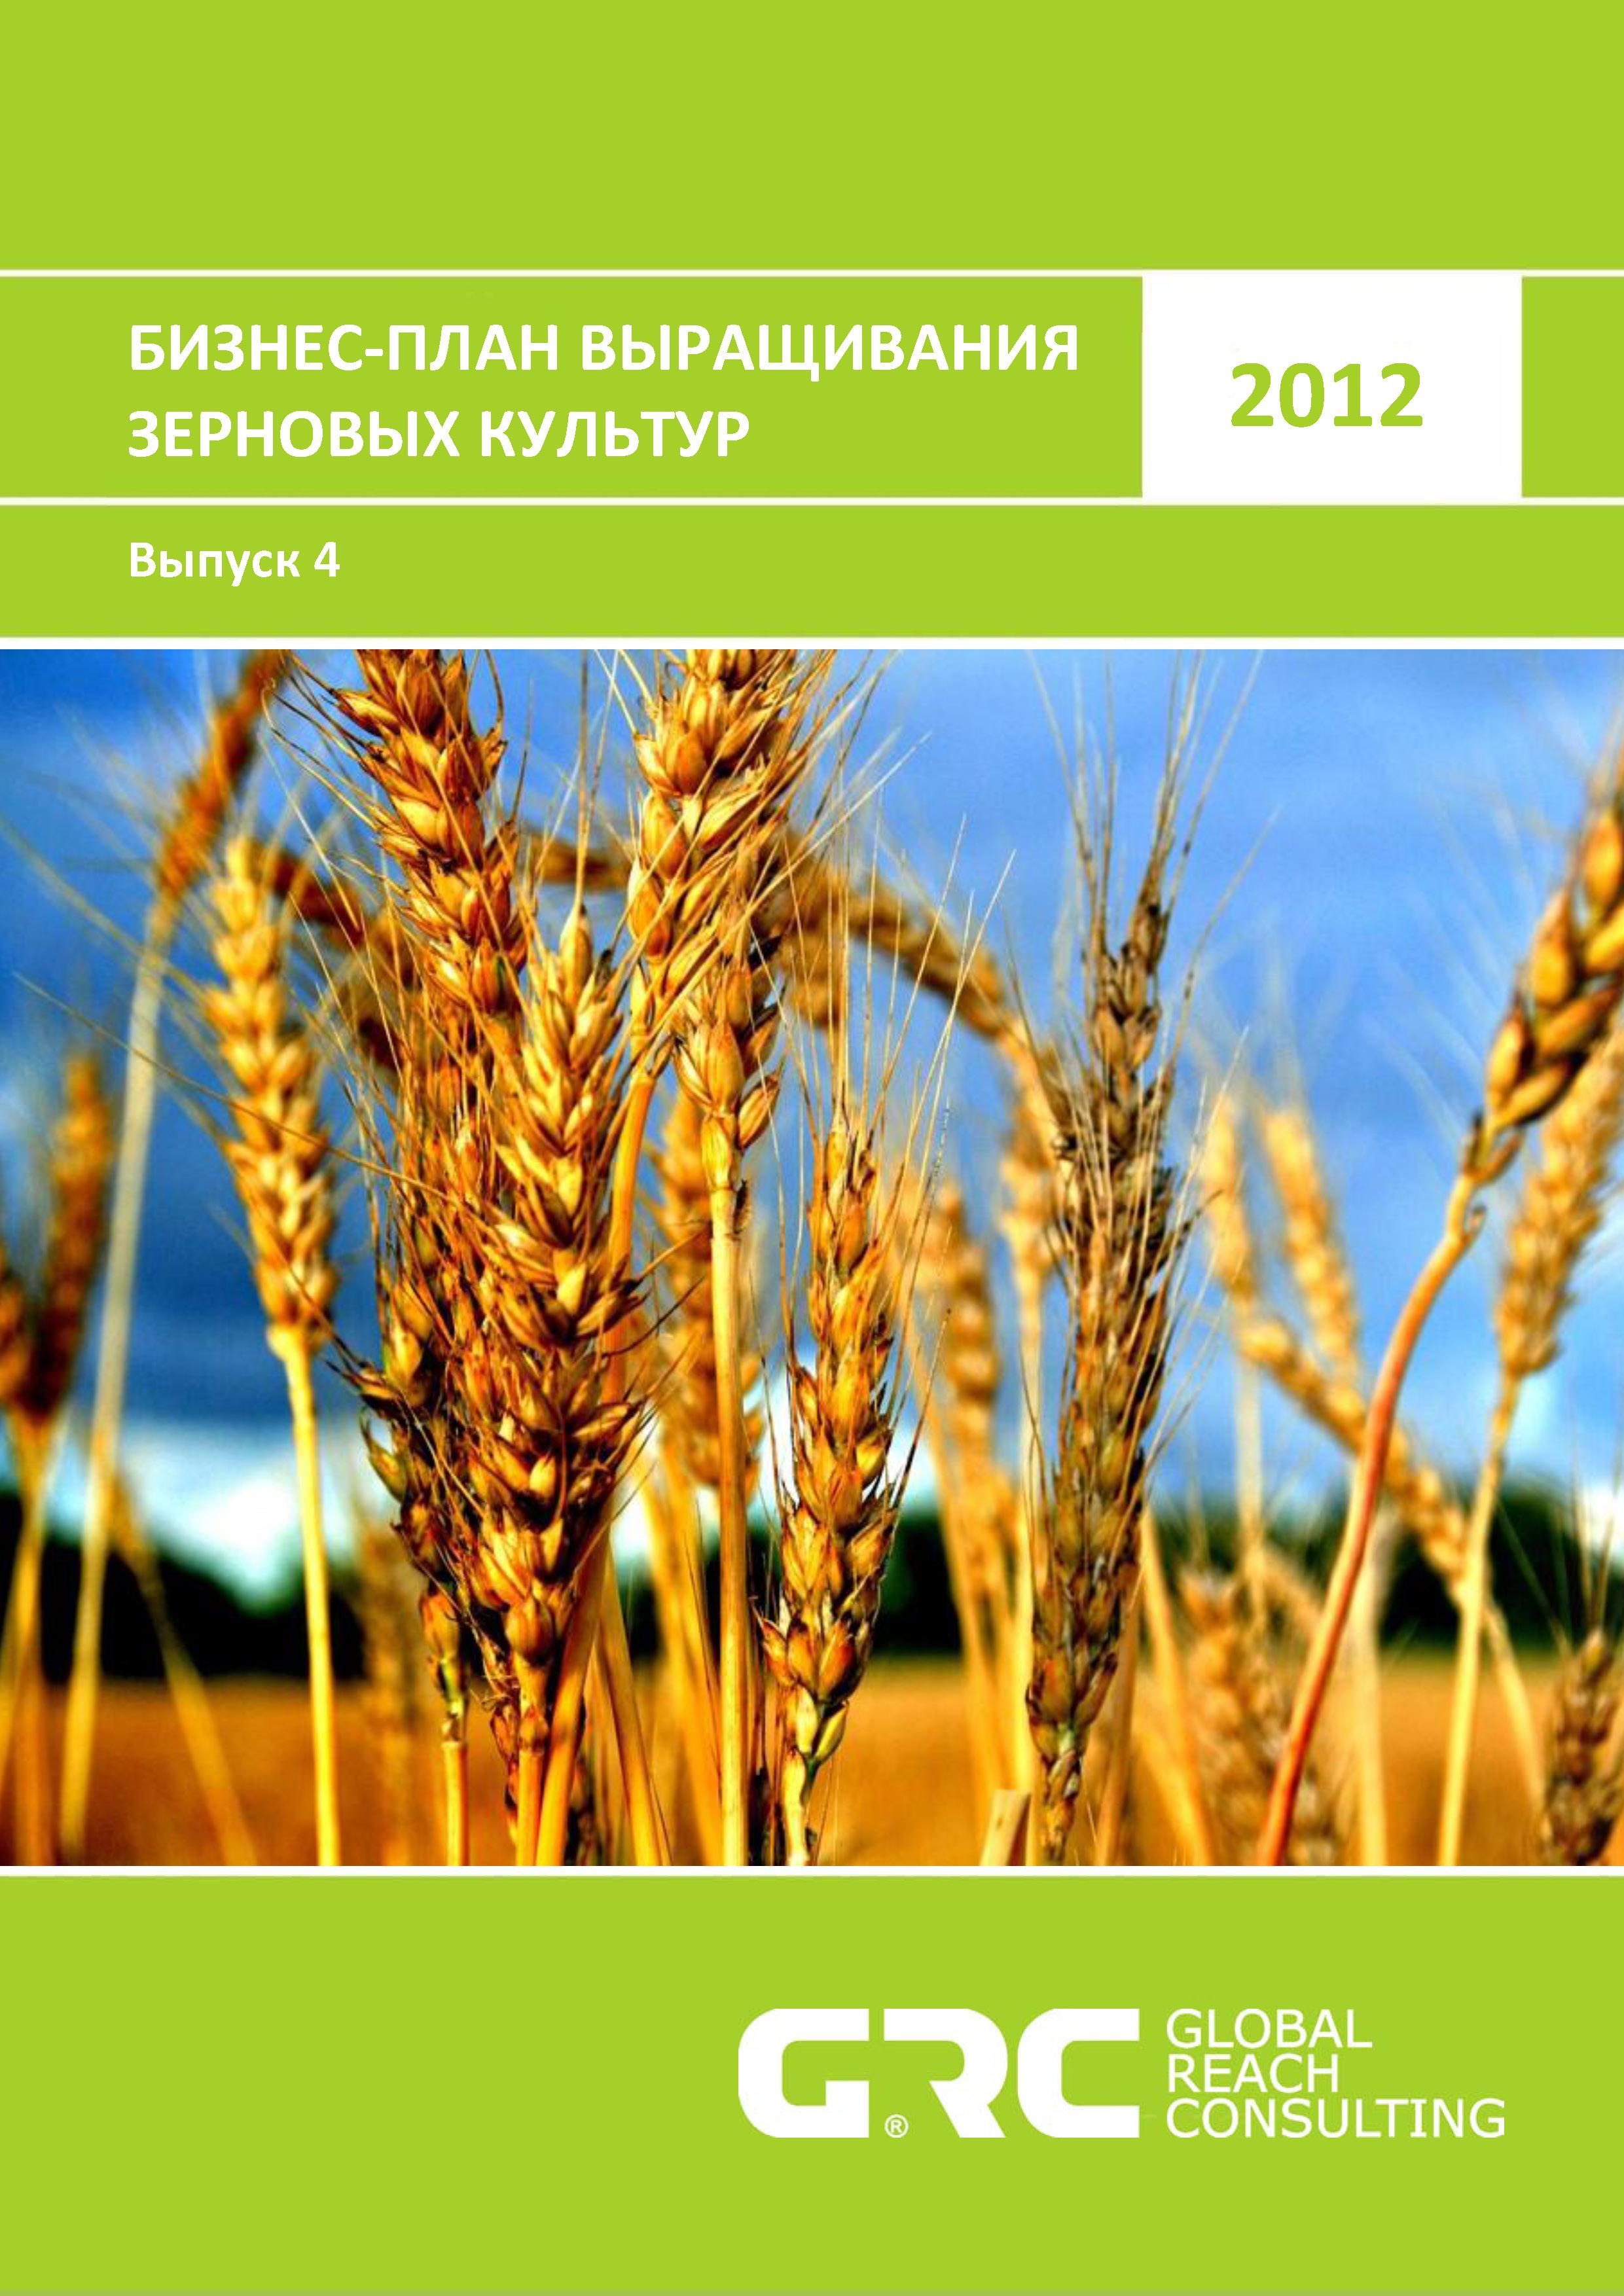 Пример бизнес плана выращивание зерновых культур 46